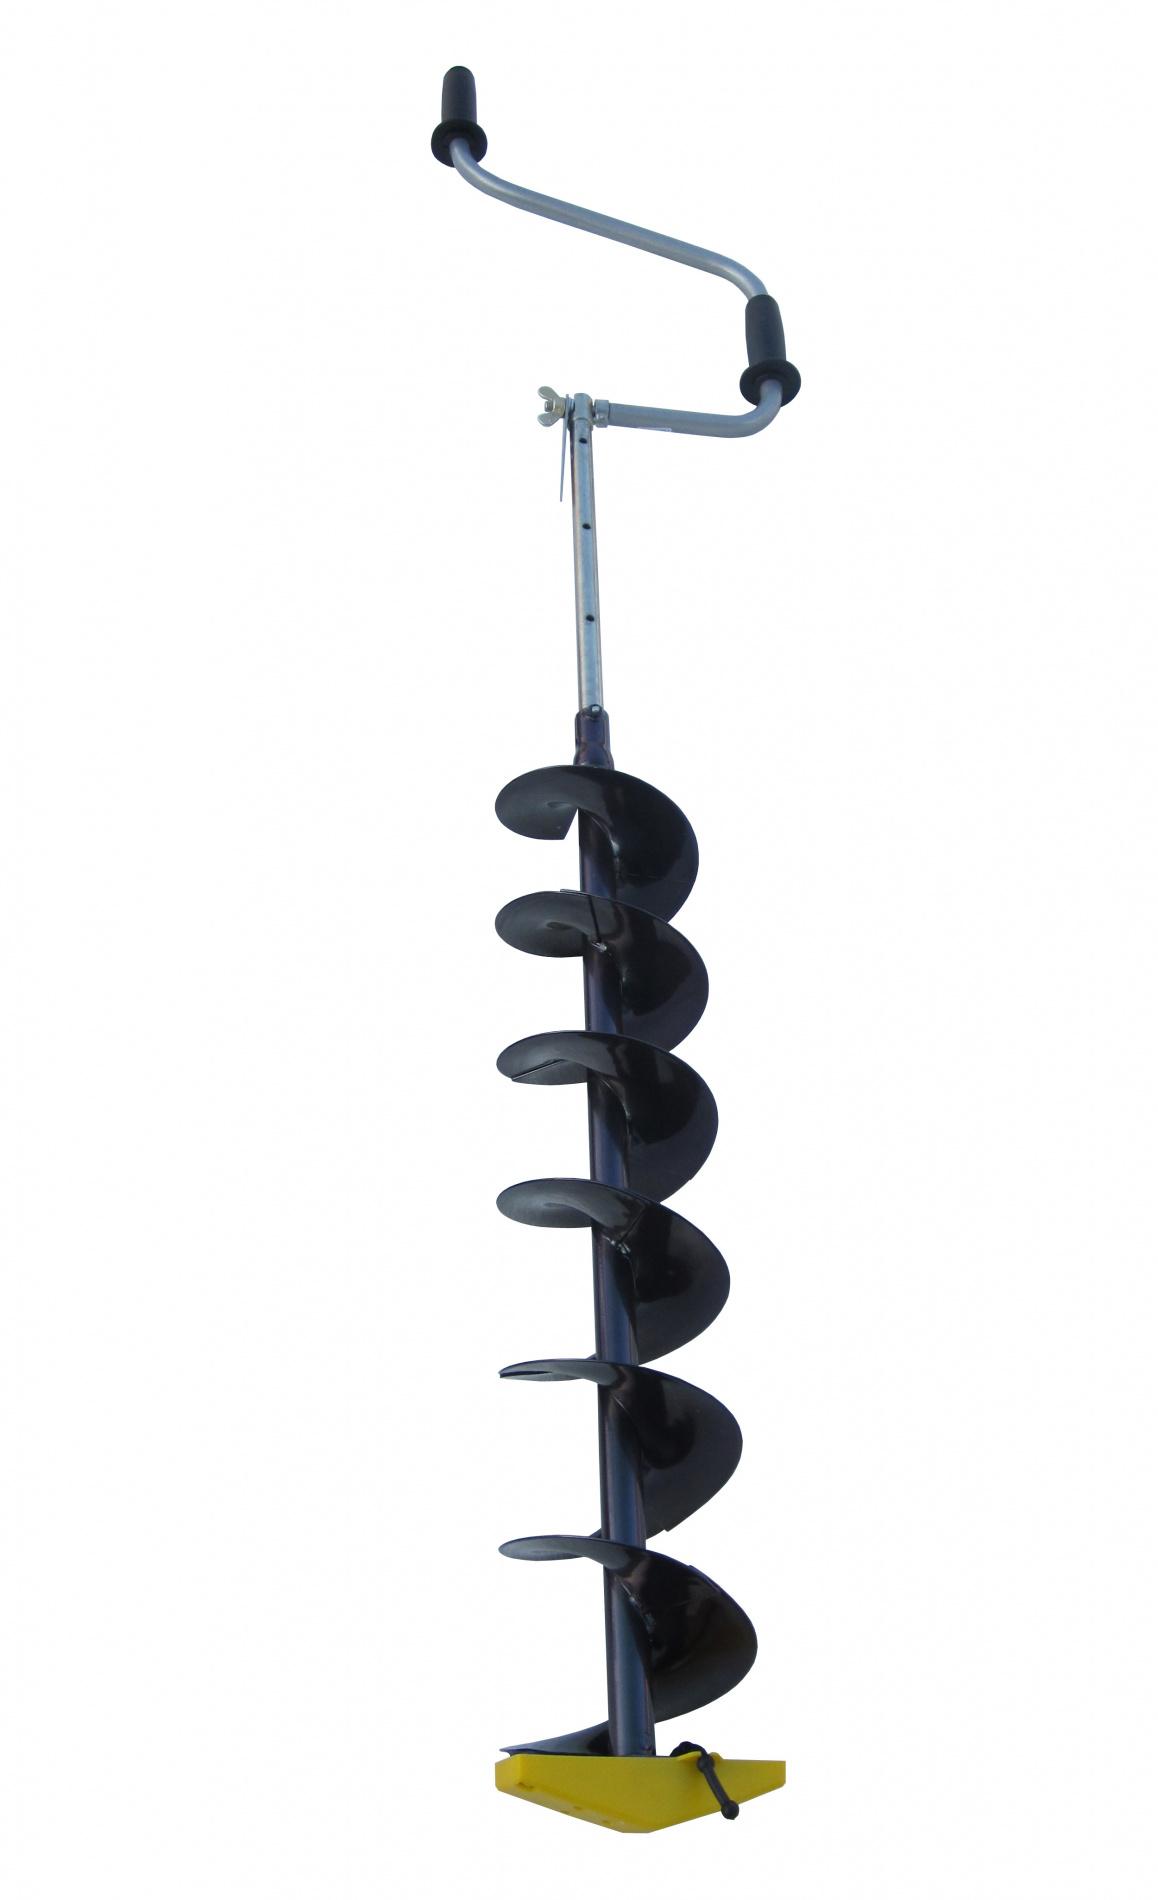 Ледобур Торнадо-М2( диаметр 130)Ледобуры ручные<br>Ледобуры ТОРНАДО-М2 - это модернизированный <br>вариант уже хорошо зарекомендовавшего <br>себя ледобура «ТОРНАДО-М». Главное новшество <br>в ледобуре - это усиленный винт-барашек <br>с измененным шагом резьбы для более плотной <br>фиксации ручки ледобура, что позволило <br>полностью исключить самопроизвольное откручивание <br>винта-барашка и ослабление замка. Ледобуры <br>ТОРНАДО-М2 гарантируют высокую скорость <br>бурения лунок. По сравнению с классическими <br>ледобурами шаг витков шнека увеличен на <br>10 %, что обеспечивает более быстрое освобождение <br>лунки от шуги и снижает усилие бурения. <br>Телескопическая штанга-удлинитель позволяет <br>ступенчато увеличивать глубину бурения <br>при необходимости. Ручки выполнены из мягкого <br>пластика, который остается приятным на <br>ощупь даже в сильные морозы. Яркая оригинальная <br>окраска хамелеон имеет привлекательный <br>вид, а также является надежным полимерным <br>покрытием, стойким к резким перепадам температур. <br>В стандартную комплектацию также входит <br>полноразмерный чехол с карманом, выполненный <br>из высокопрочной ткани Оxford 600D. К ледобурам <br>ТОРНАДО-М2 можно докупить следующие опции: <br>- Адаптер ледобура под шуруповерт АШ-800 (Торнадо), <br>который позволяет присоединить аккумуляторную <br>дрель-шуруповёрт к шнеку ледобура, - Удлинитель <br>ледобура Торнадо-М УДТ-500, который служит <br>для увеличения глубины бурения льда толщиной <br>до 2 метров. Диаметр бурения - 130 мм. Глубина <br>бурения - до 1430 мм. Длина в рабочем положении <br>- 1300 - 1900 мм. Длина в сложенном положении <br>- 860 мм. Масса без чехла не более - 3,12 кг.<br>